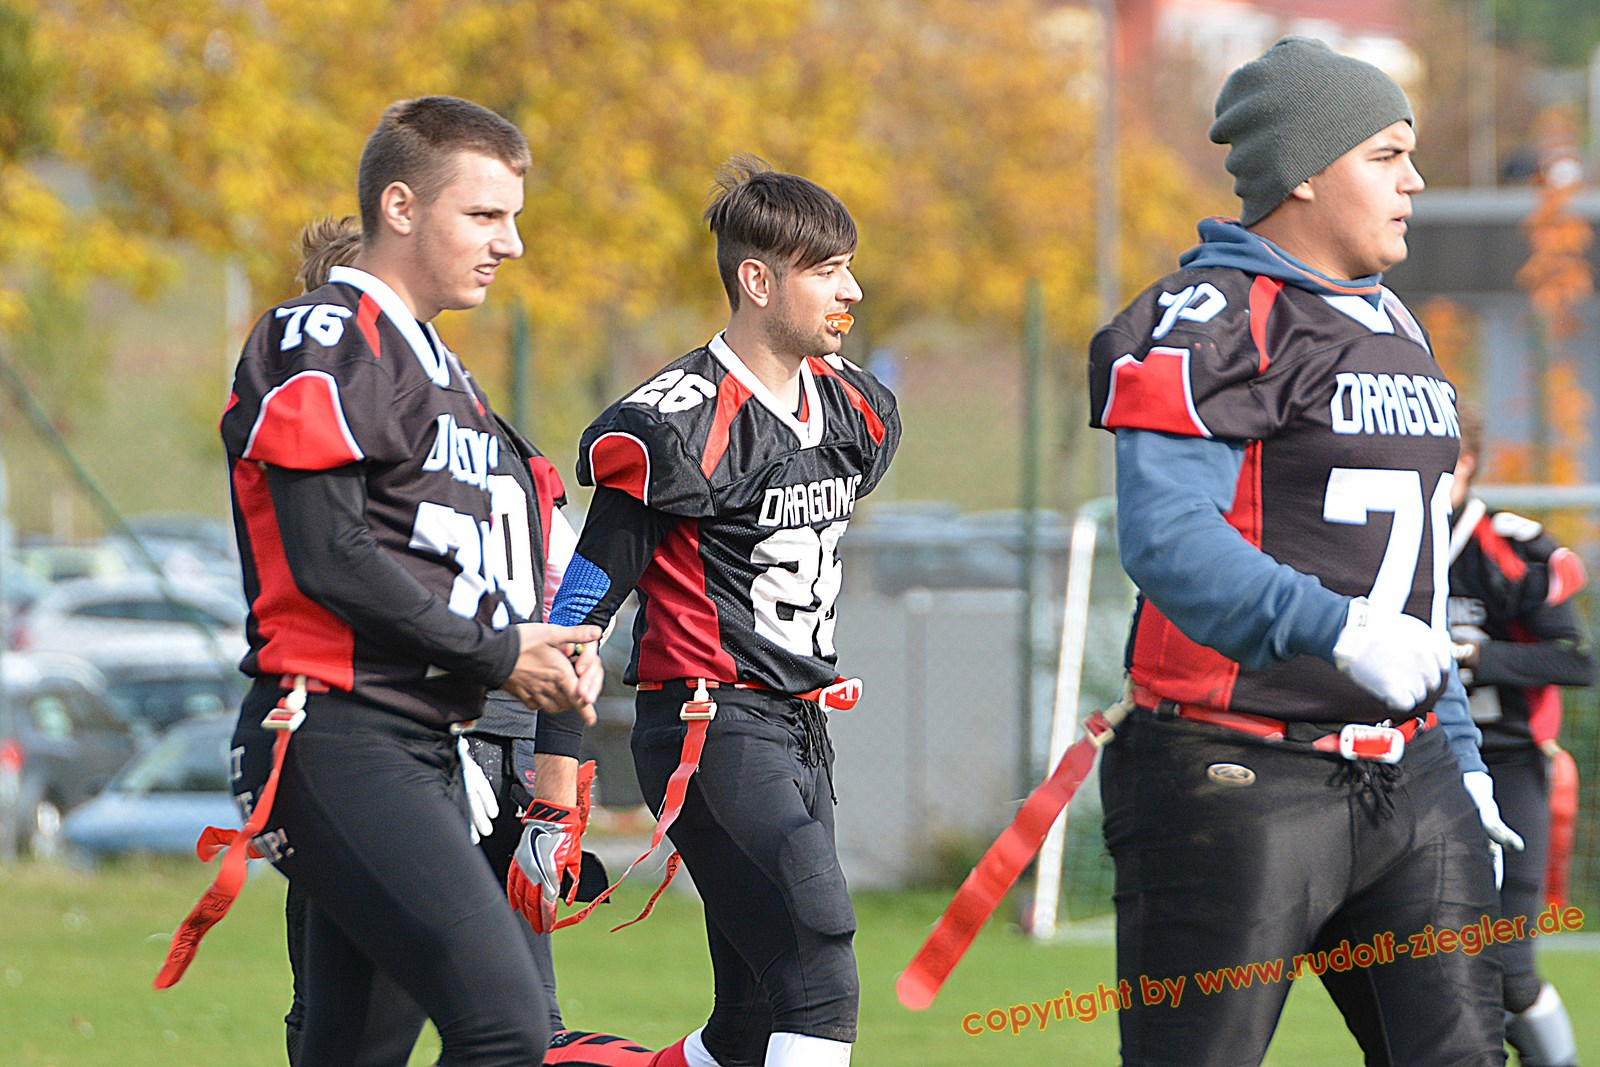 FLAG FOOTBALL - Bayerische Meisterschaften U19 042-Bearb (1600x1200)